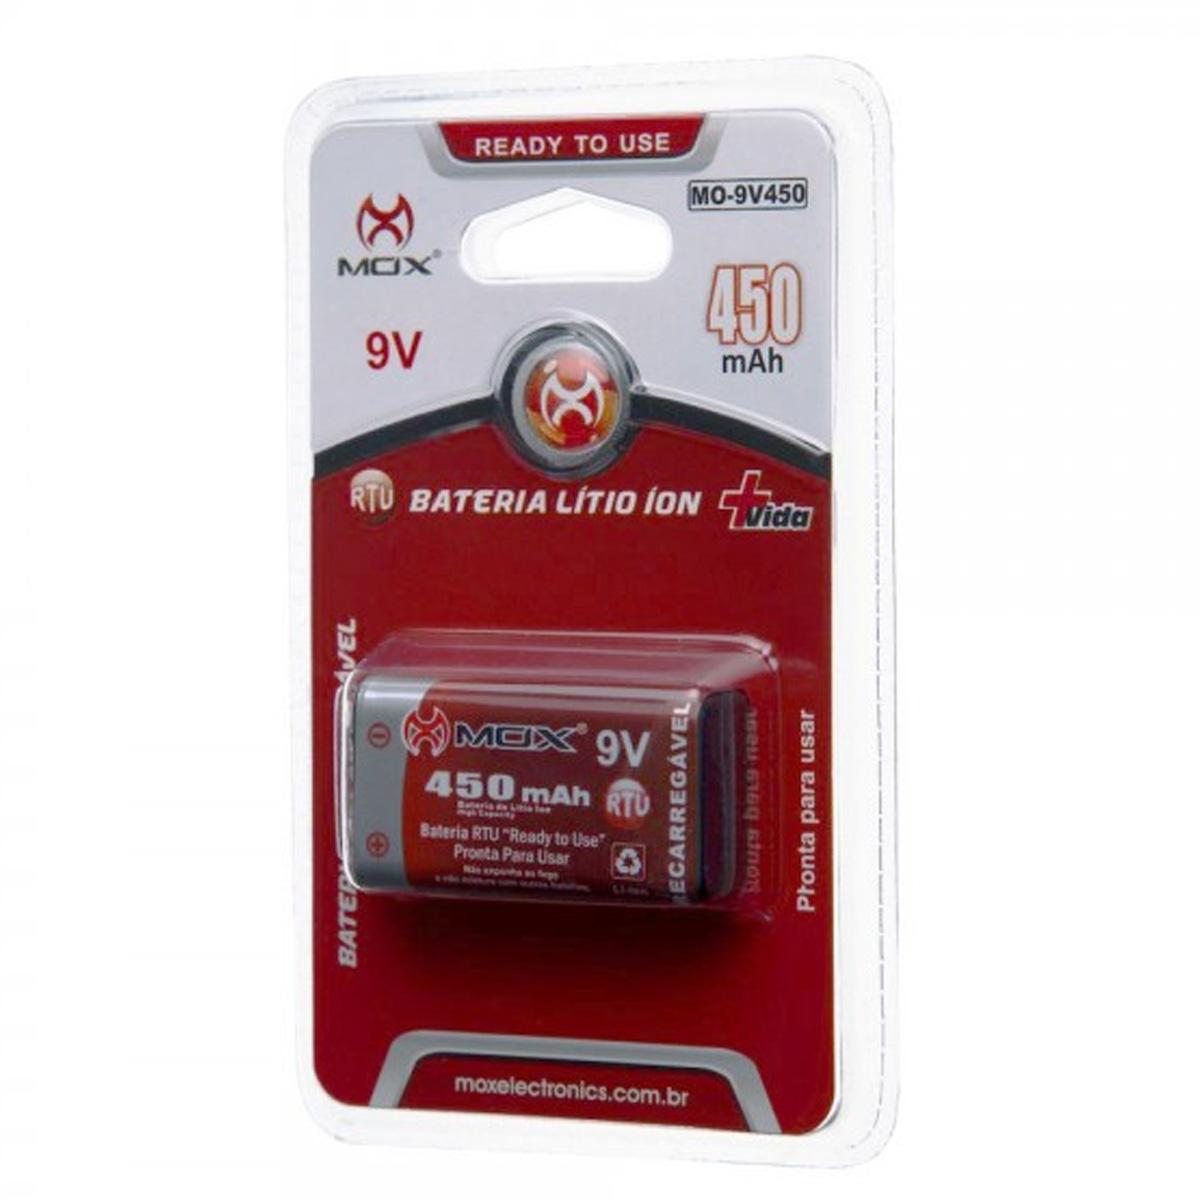 Bateria 9V Recarregável 450 mAh MOX - MO-9V450